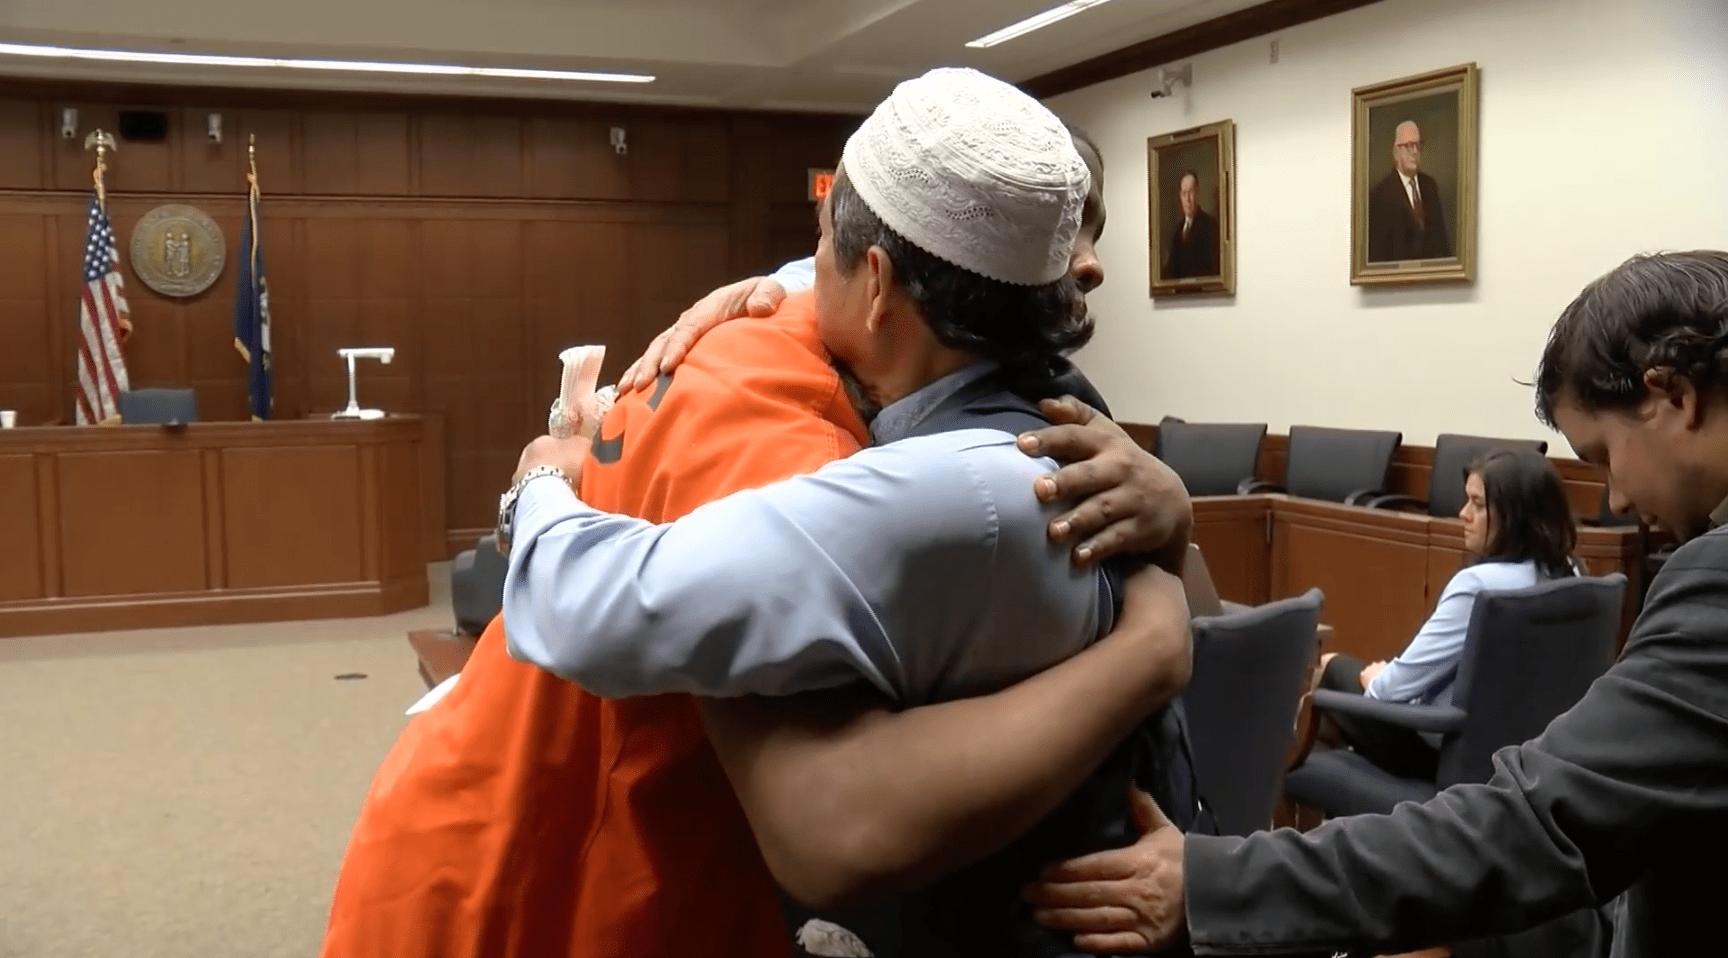 padre abbraccia killer del figlio